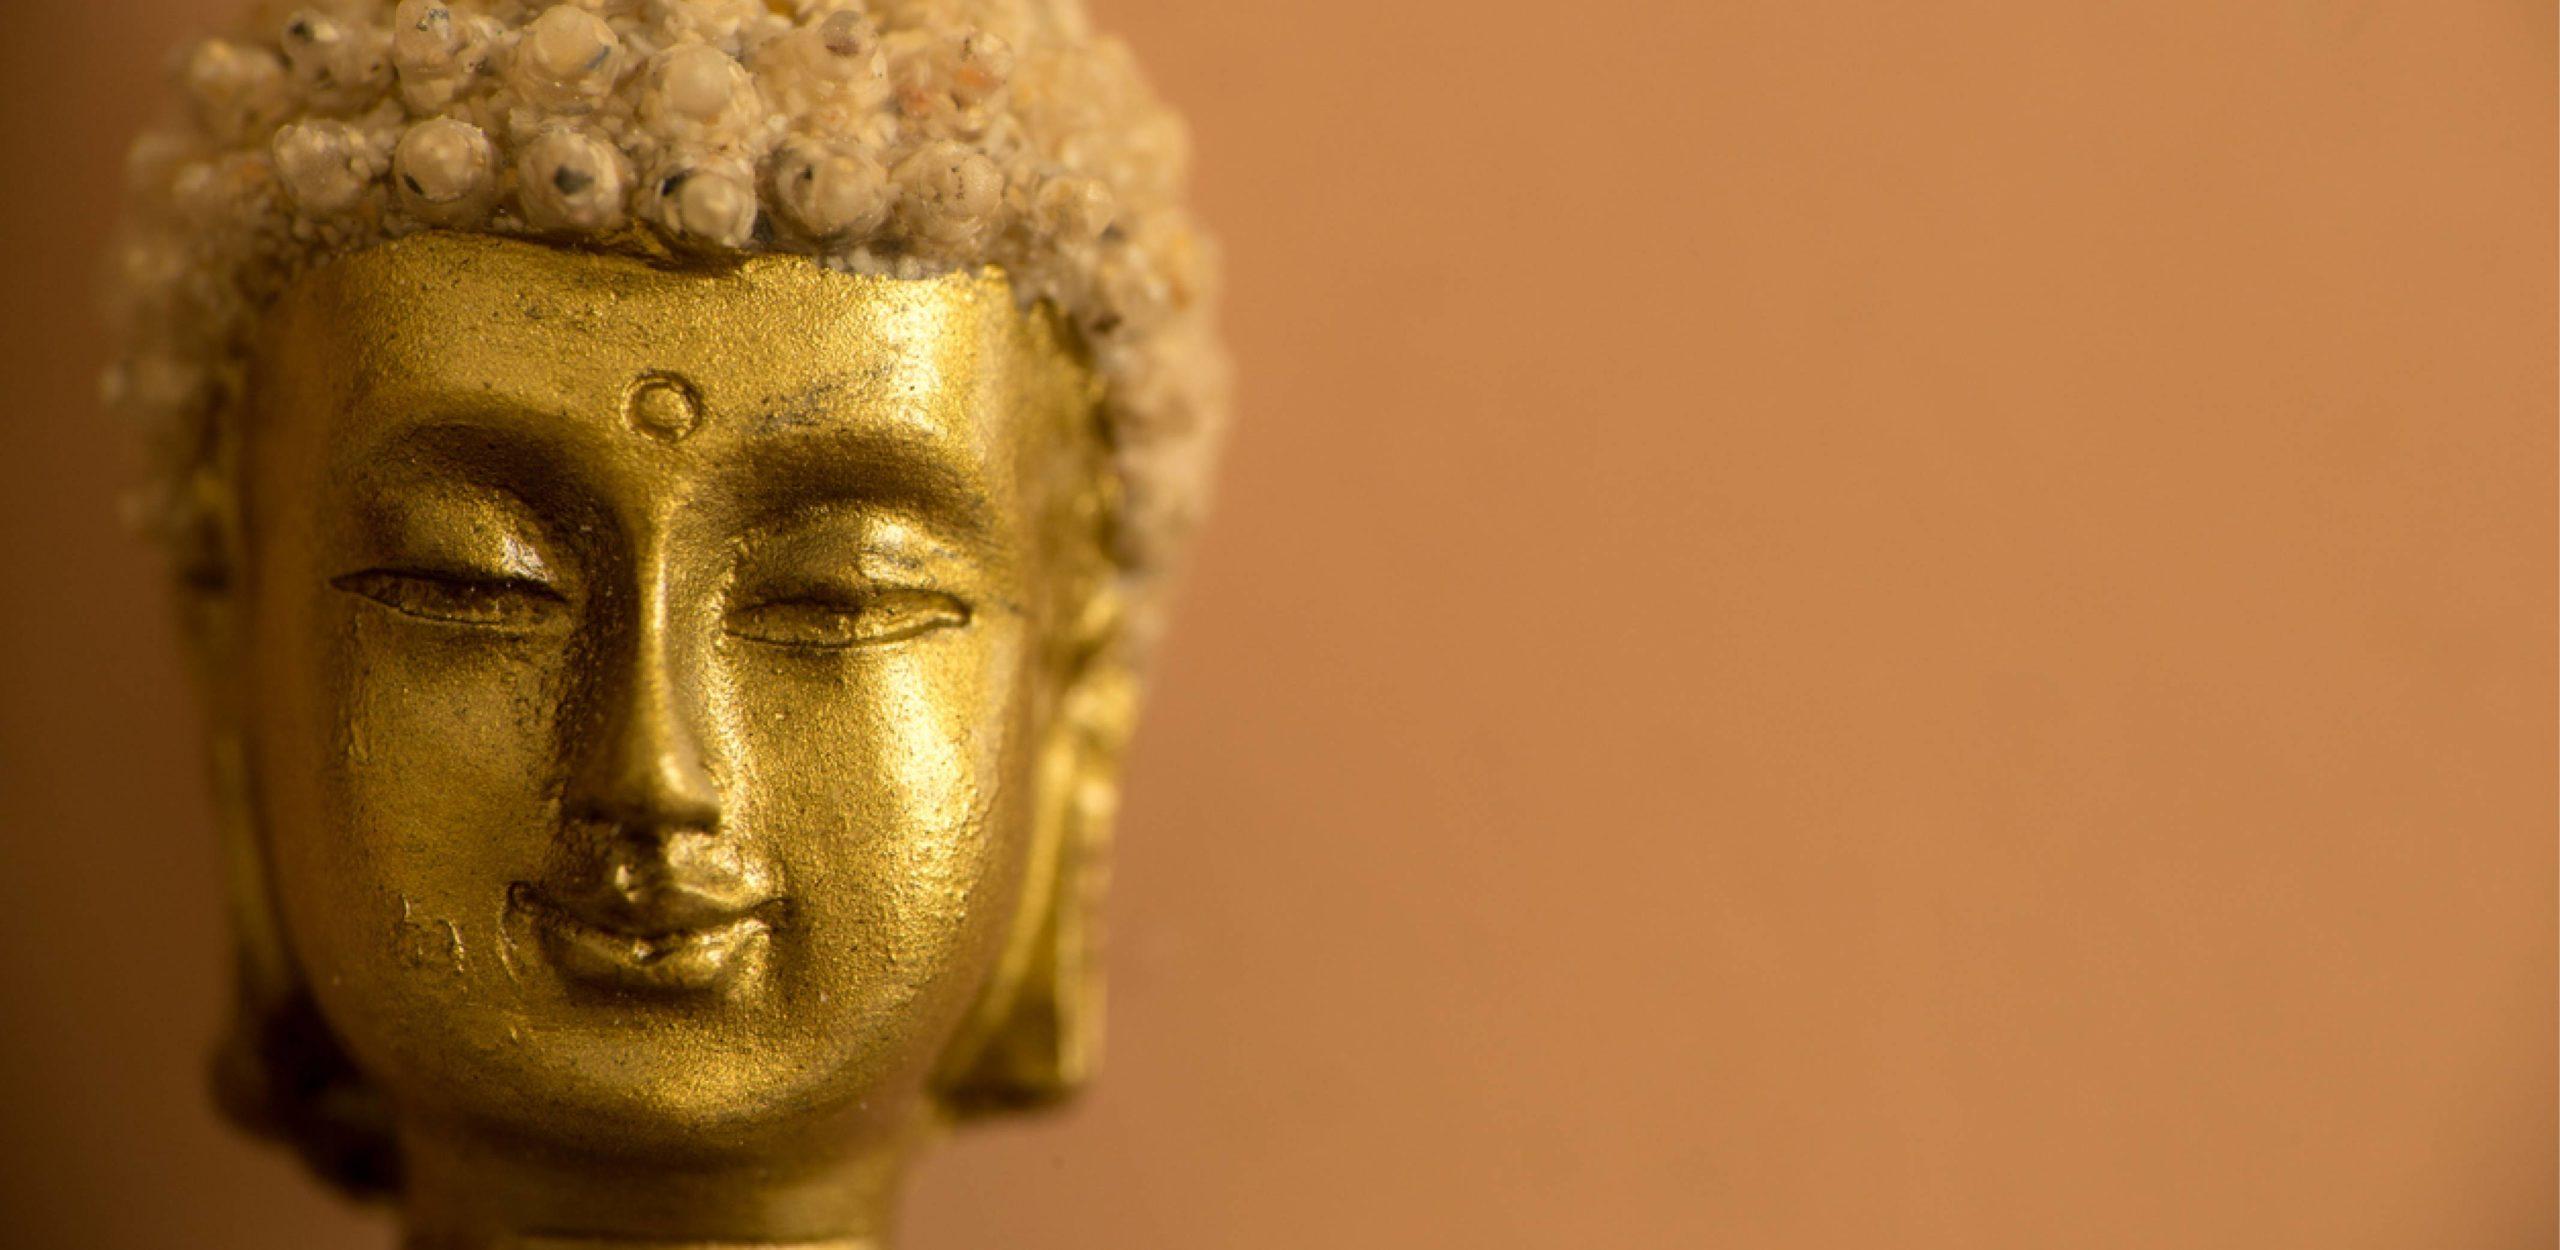 Tibetische Massage - ein Goldener Kopf